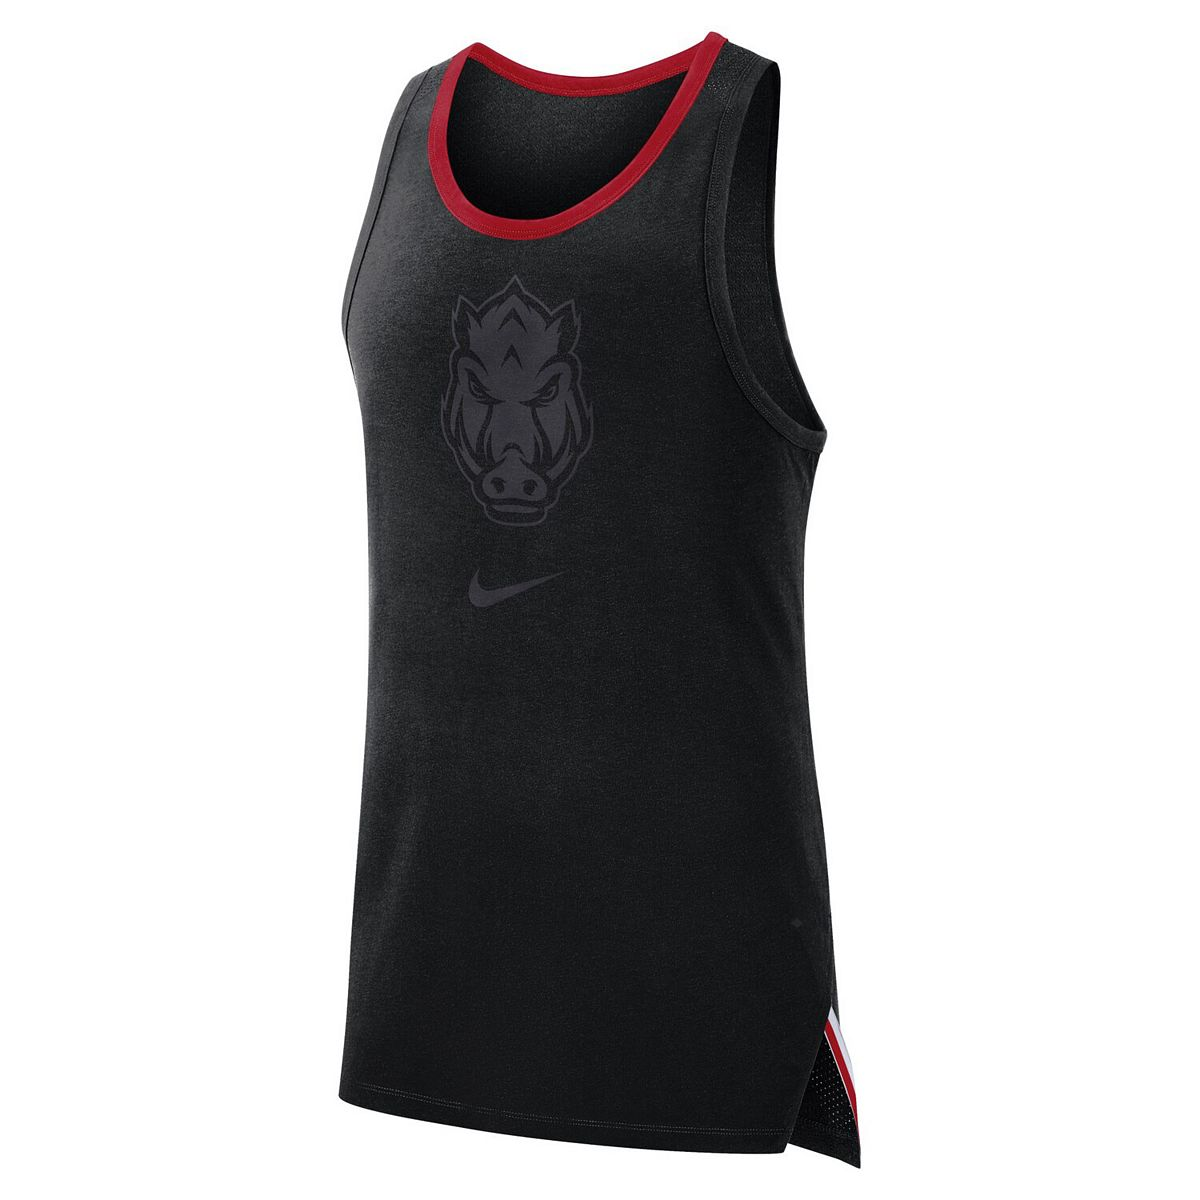 Men's Nike Black Arkansas Razorbacks Elite Performance Sleeveless Top VIjQb